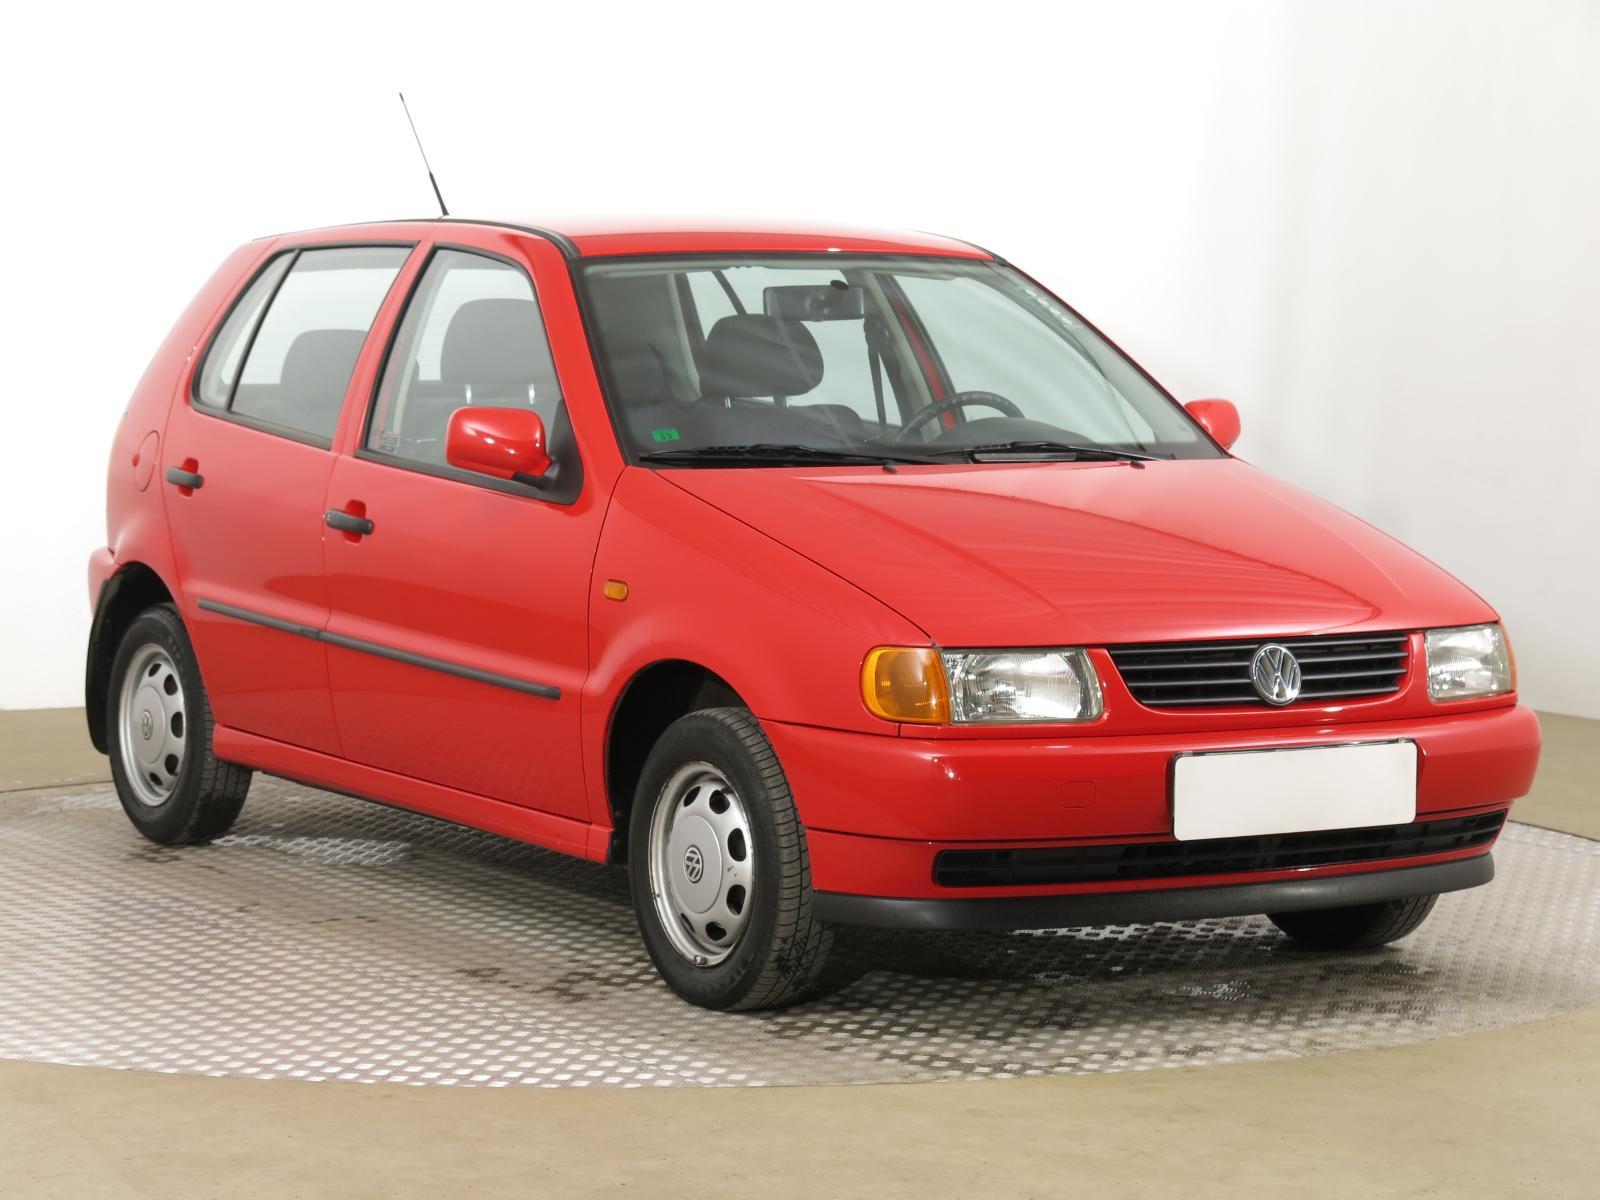 Volkswagen Polo 1.0 33kW hatchback benzin